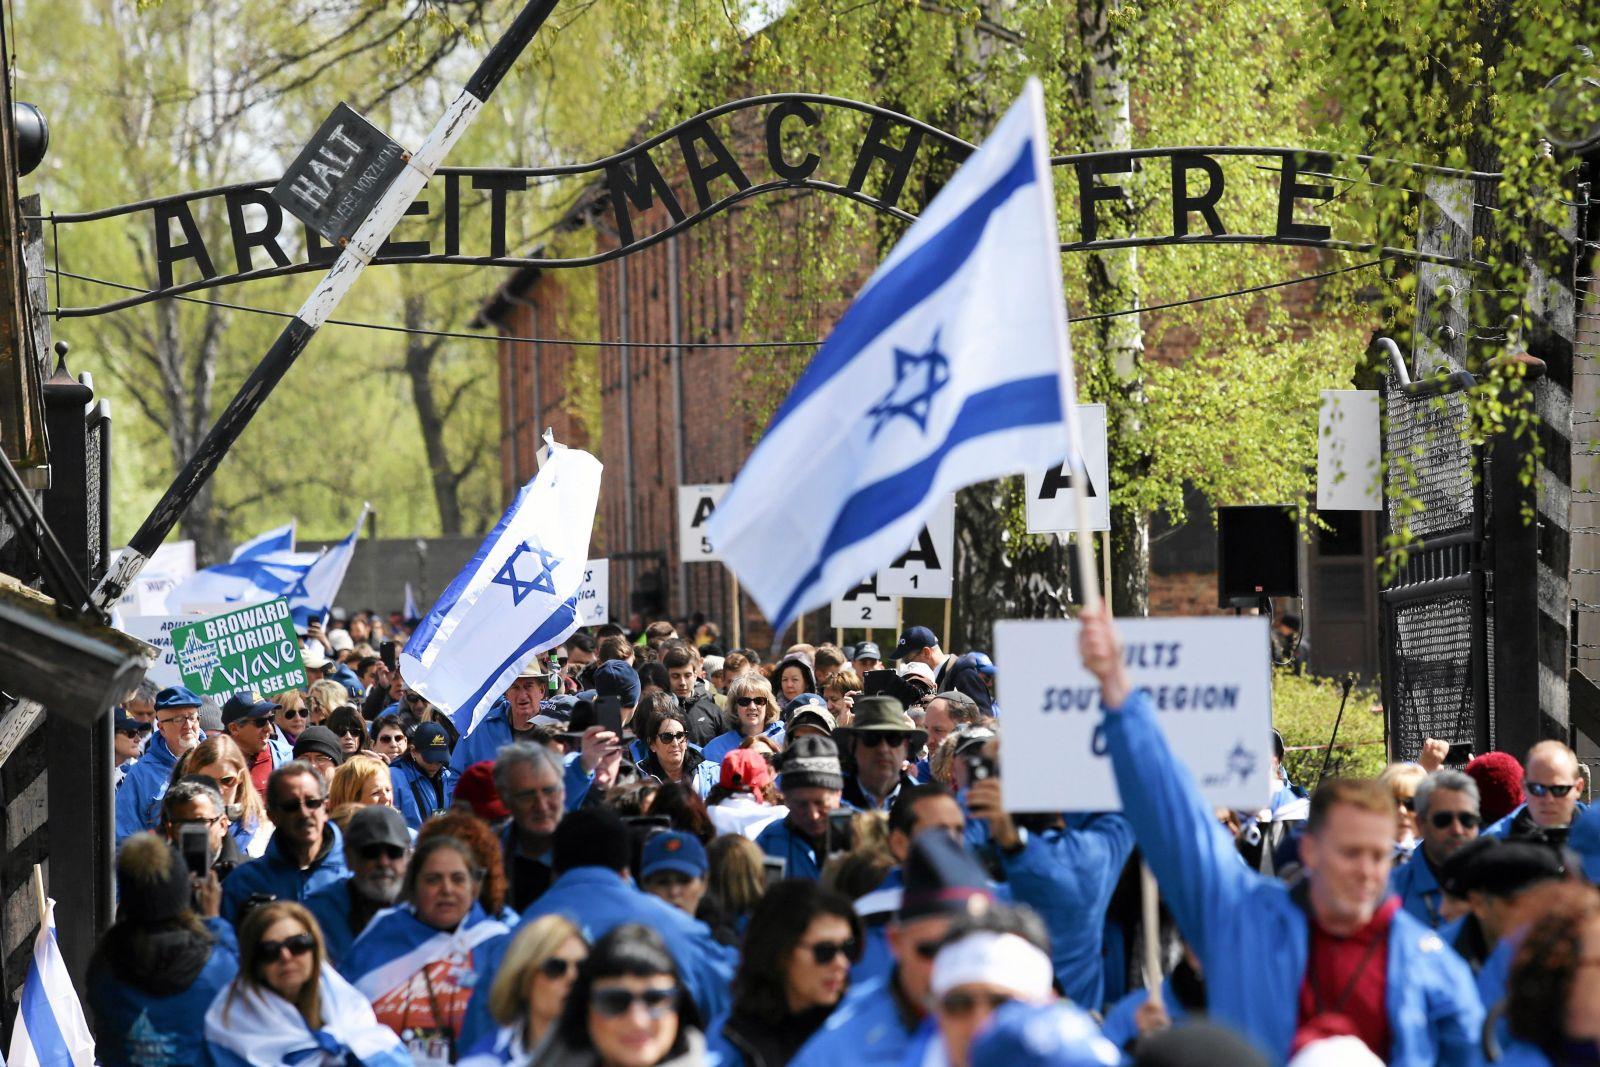 w24.04.2017 Oswiecim . Marsz Zywych , trasa z obozu KL Auschwitz do KL Birkenau  .Fot. Jakub Porzycki / Agencja Gazeta